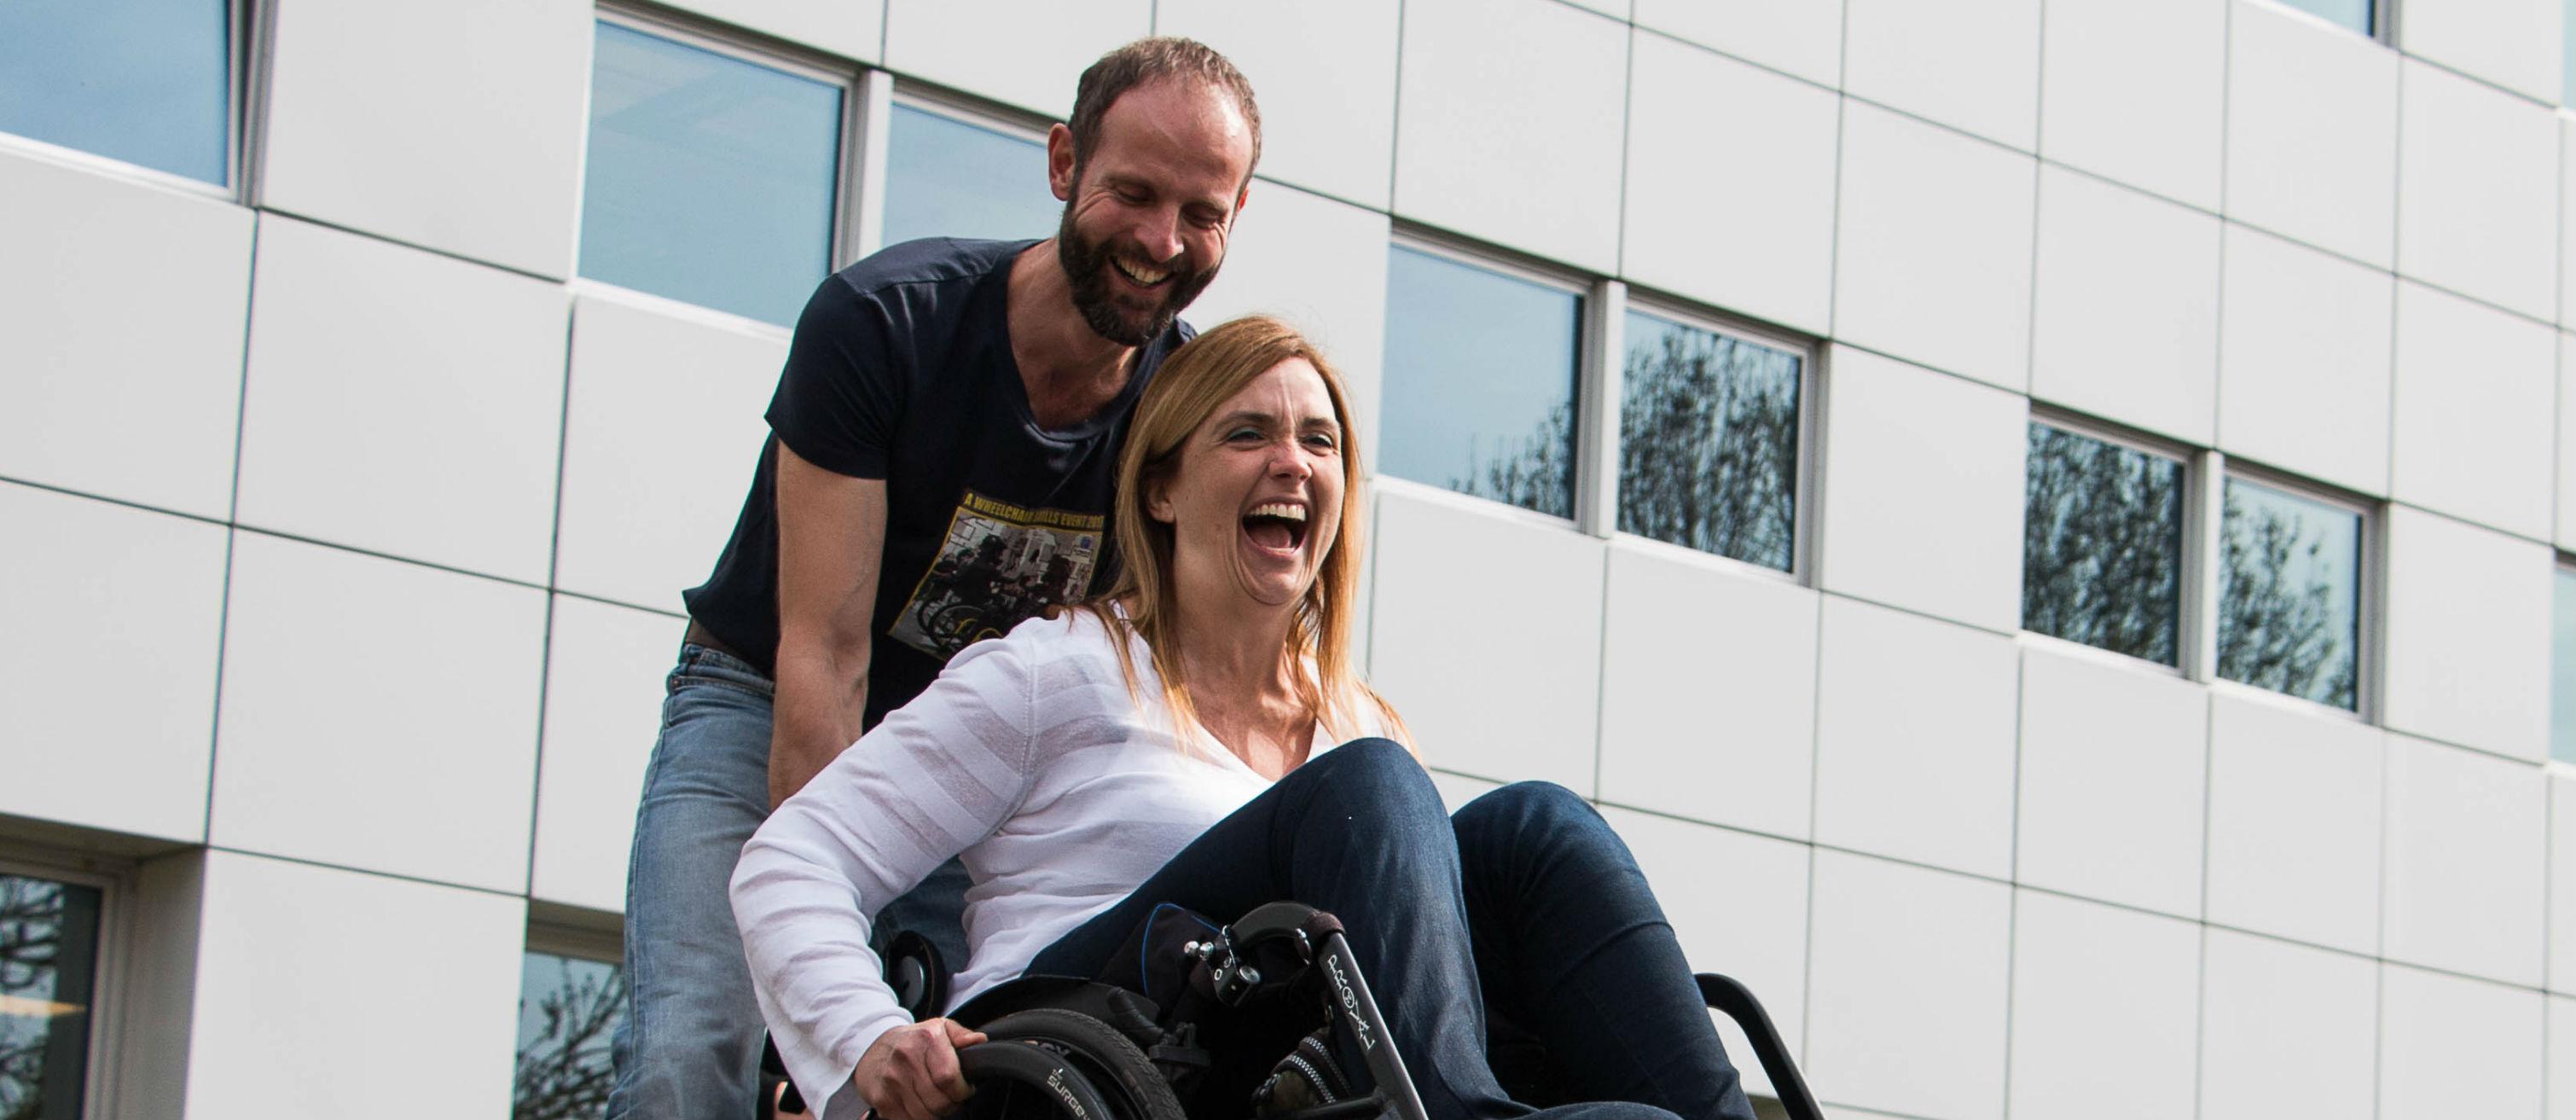 Fysiotherapeut Gert Rots geeft rolstoeltraining en duwt een lachende vrouw in rolstoel voorzichtig naar beneden.